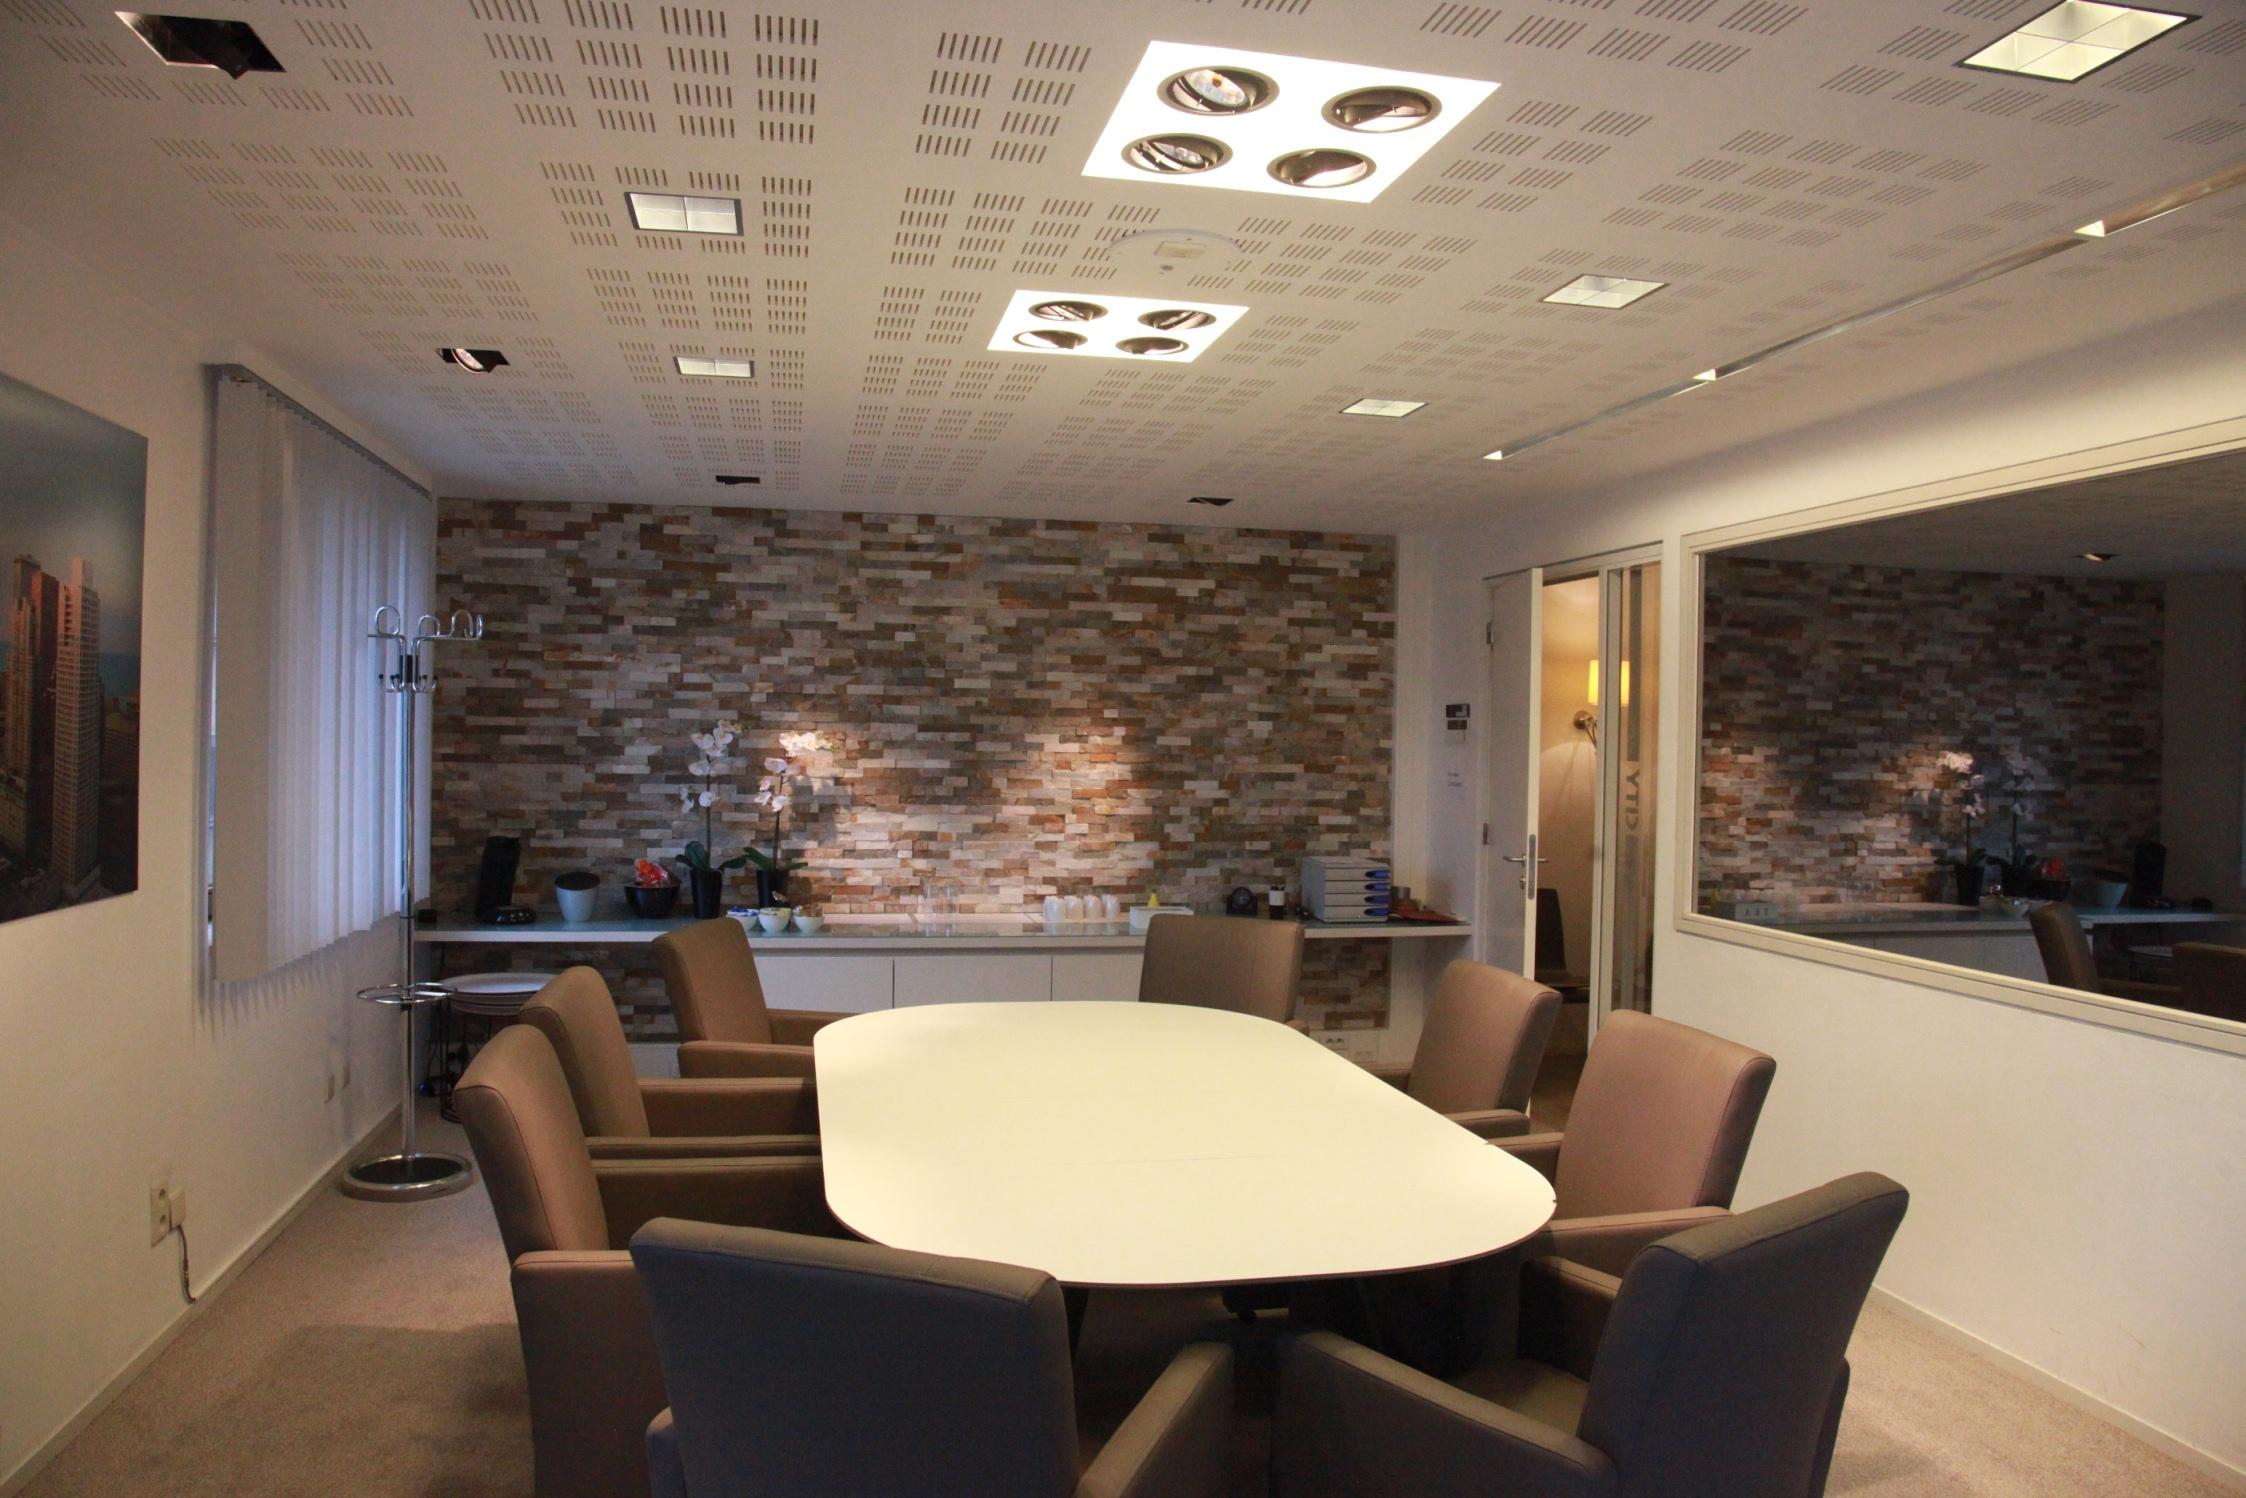 salle de r union avec salle de visionnement via un miroir sans tain grimbergen. Black Bedroom Furniture Sets. Home Design Ideas